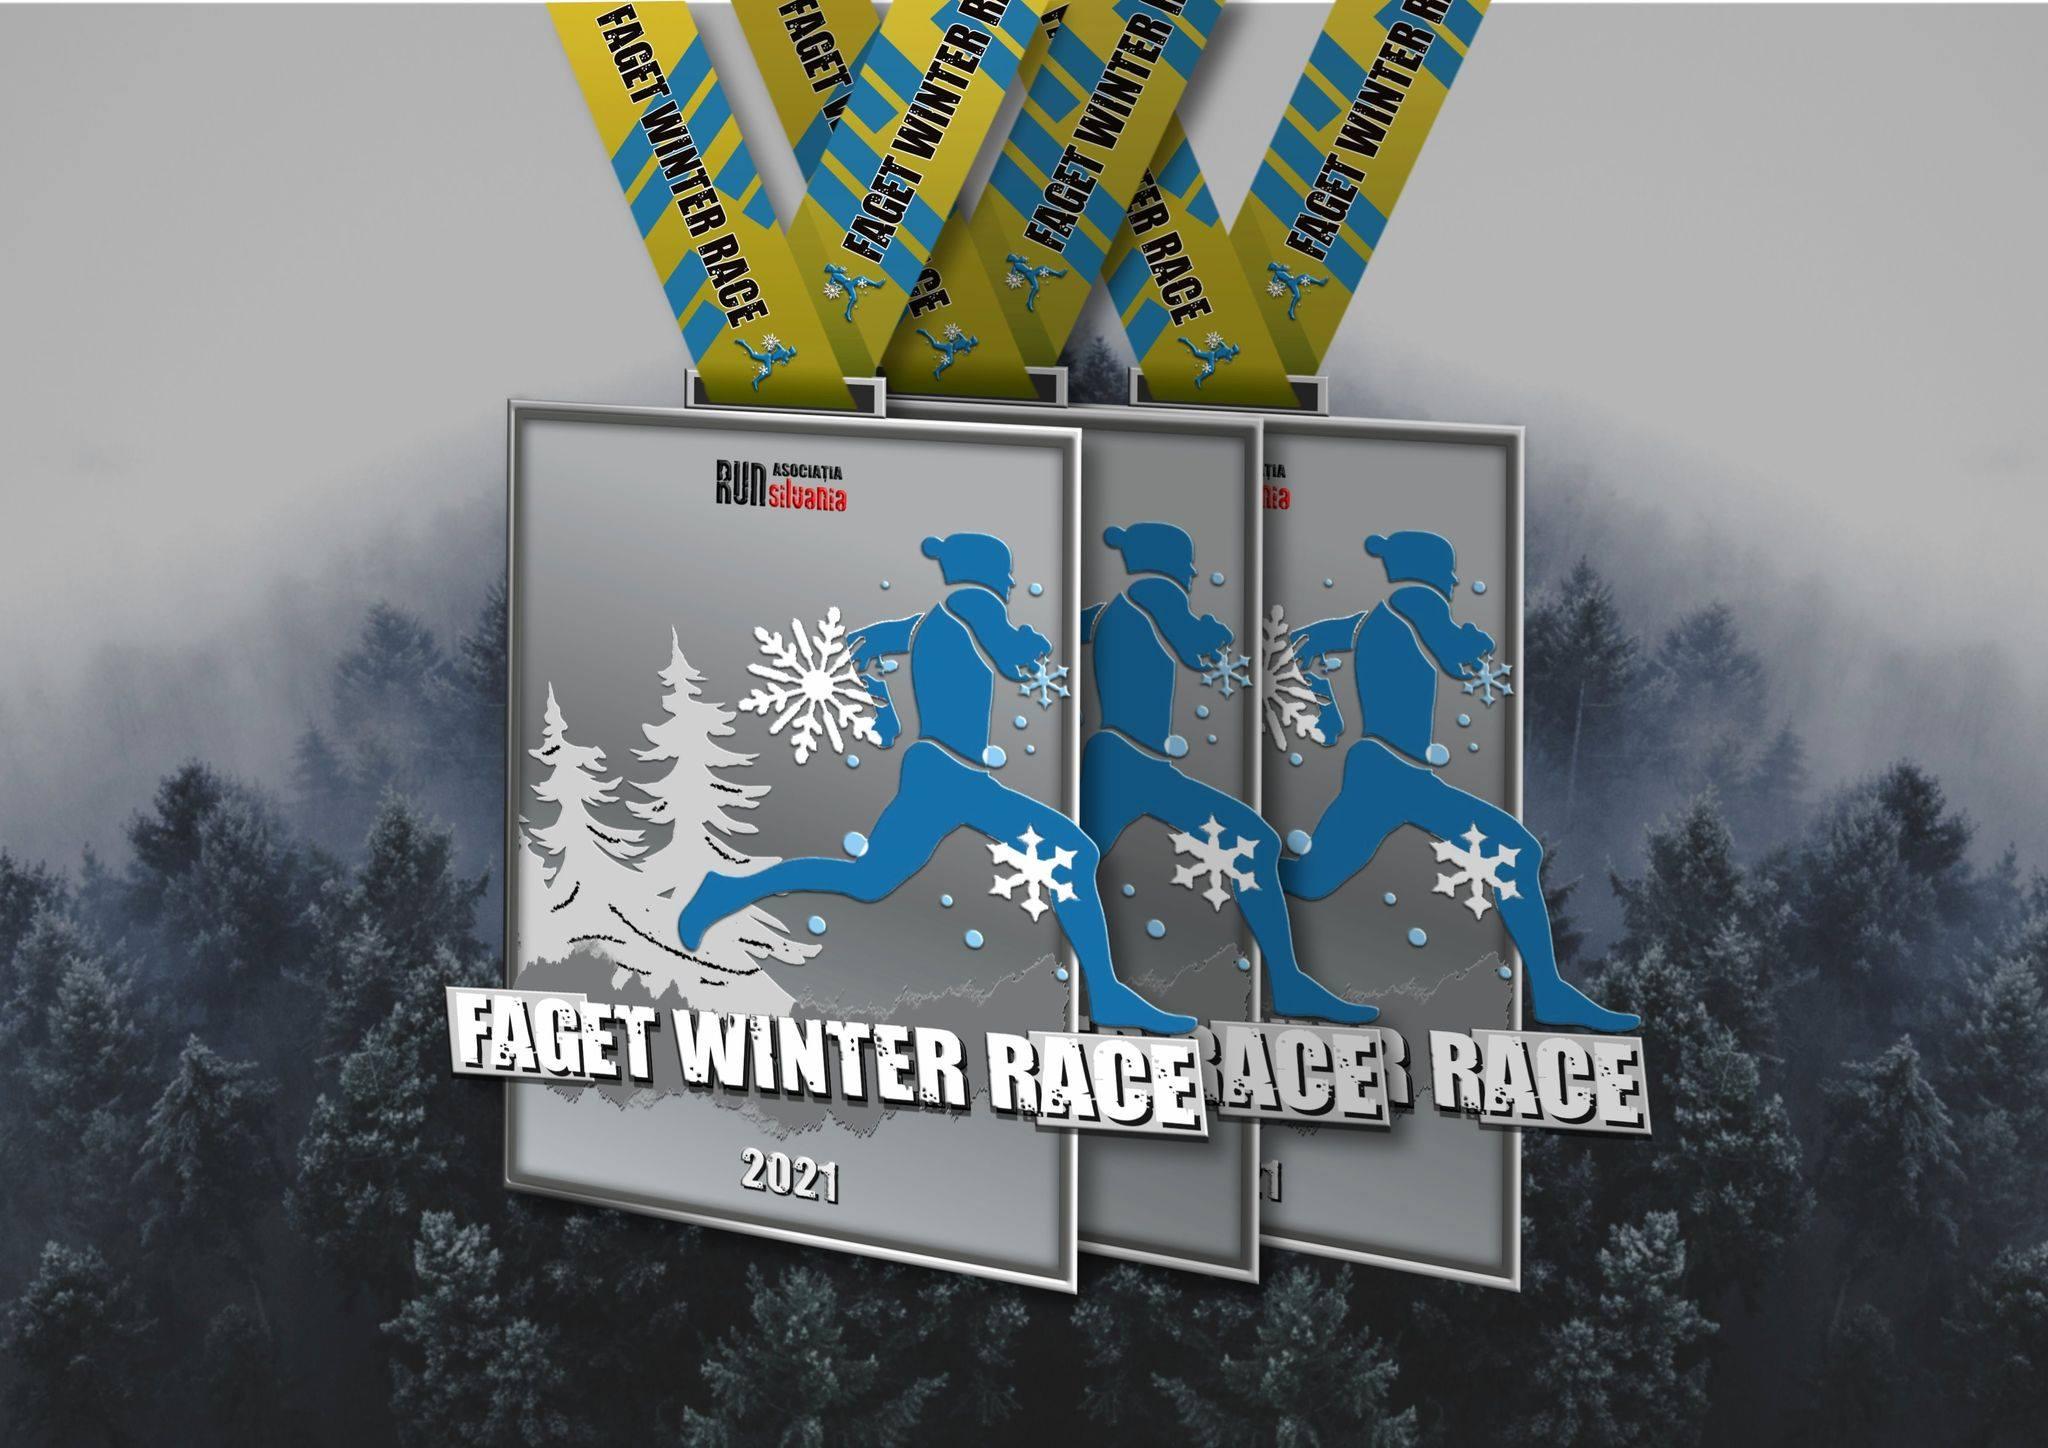 Făget Winter Race deschide sezonul de alergare, la Cluj